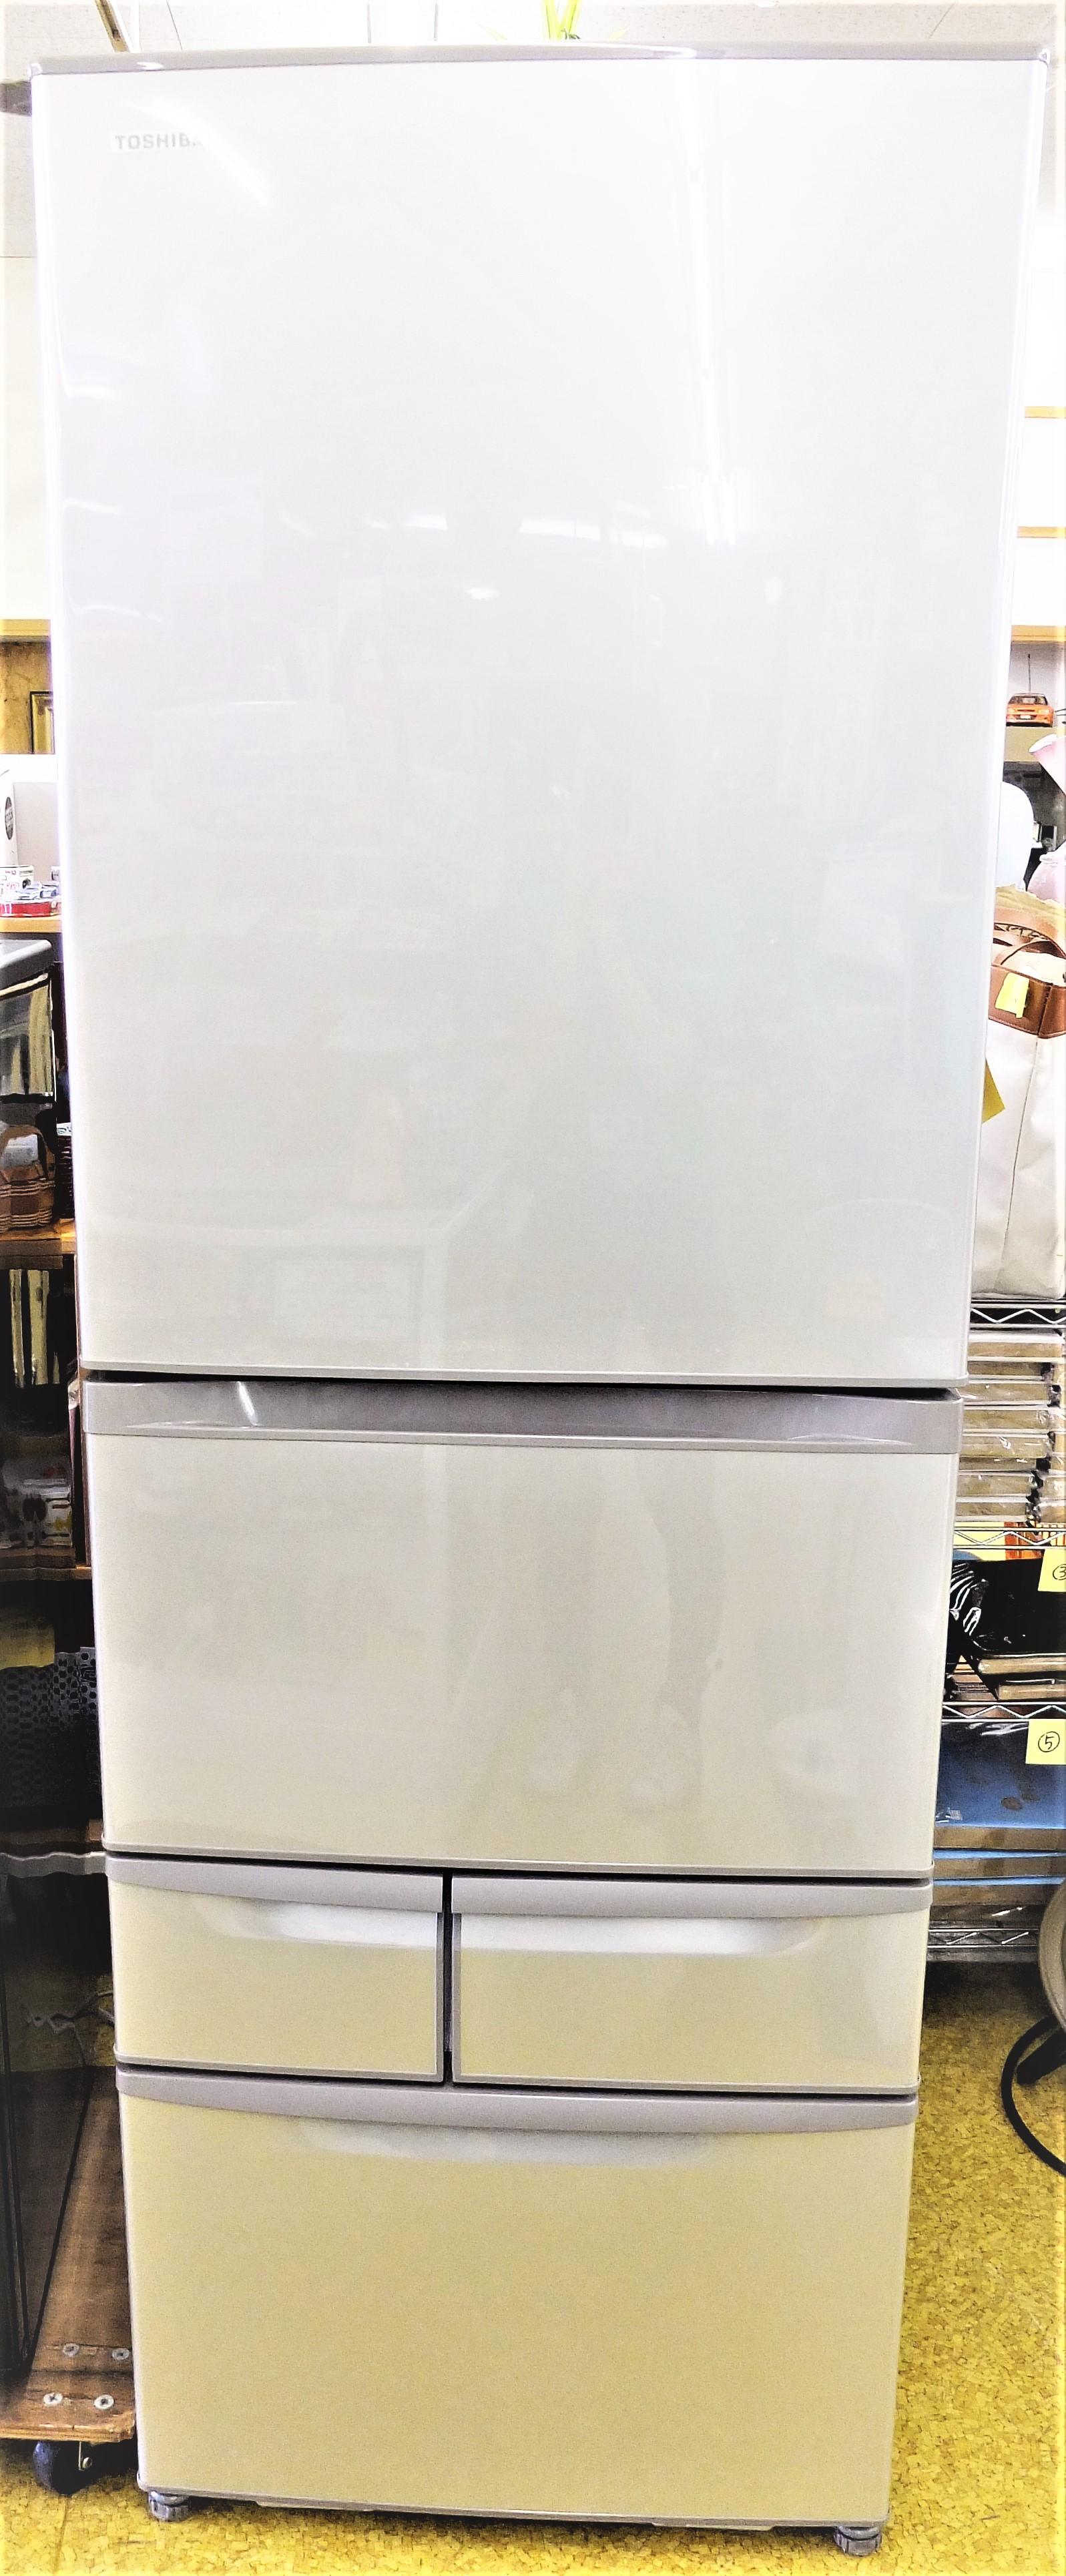 あなたのお家の冷蔵庫は大丈夫?